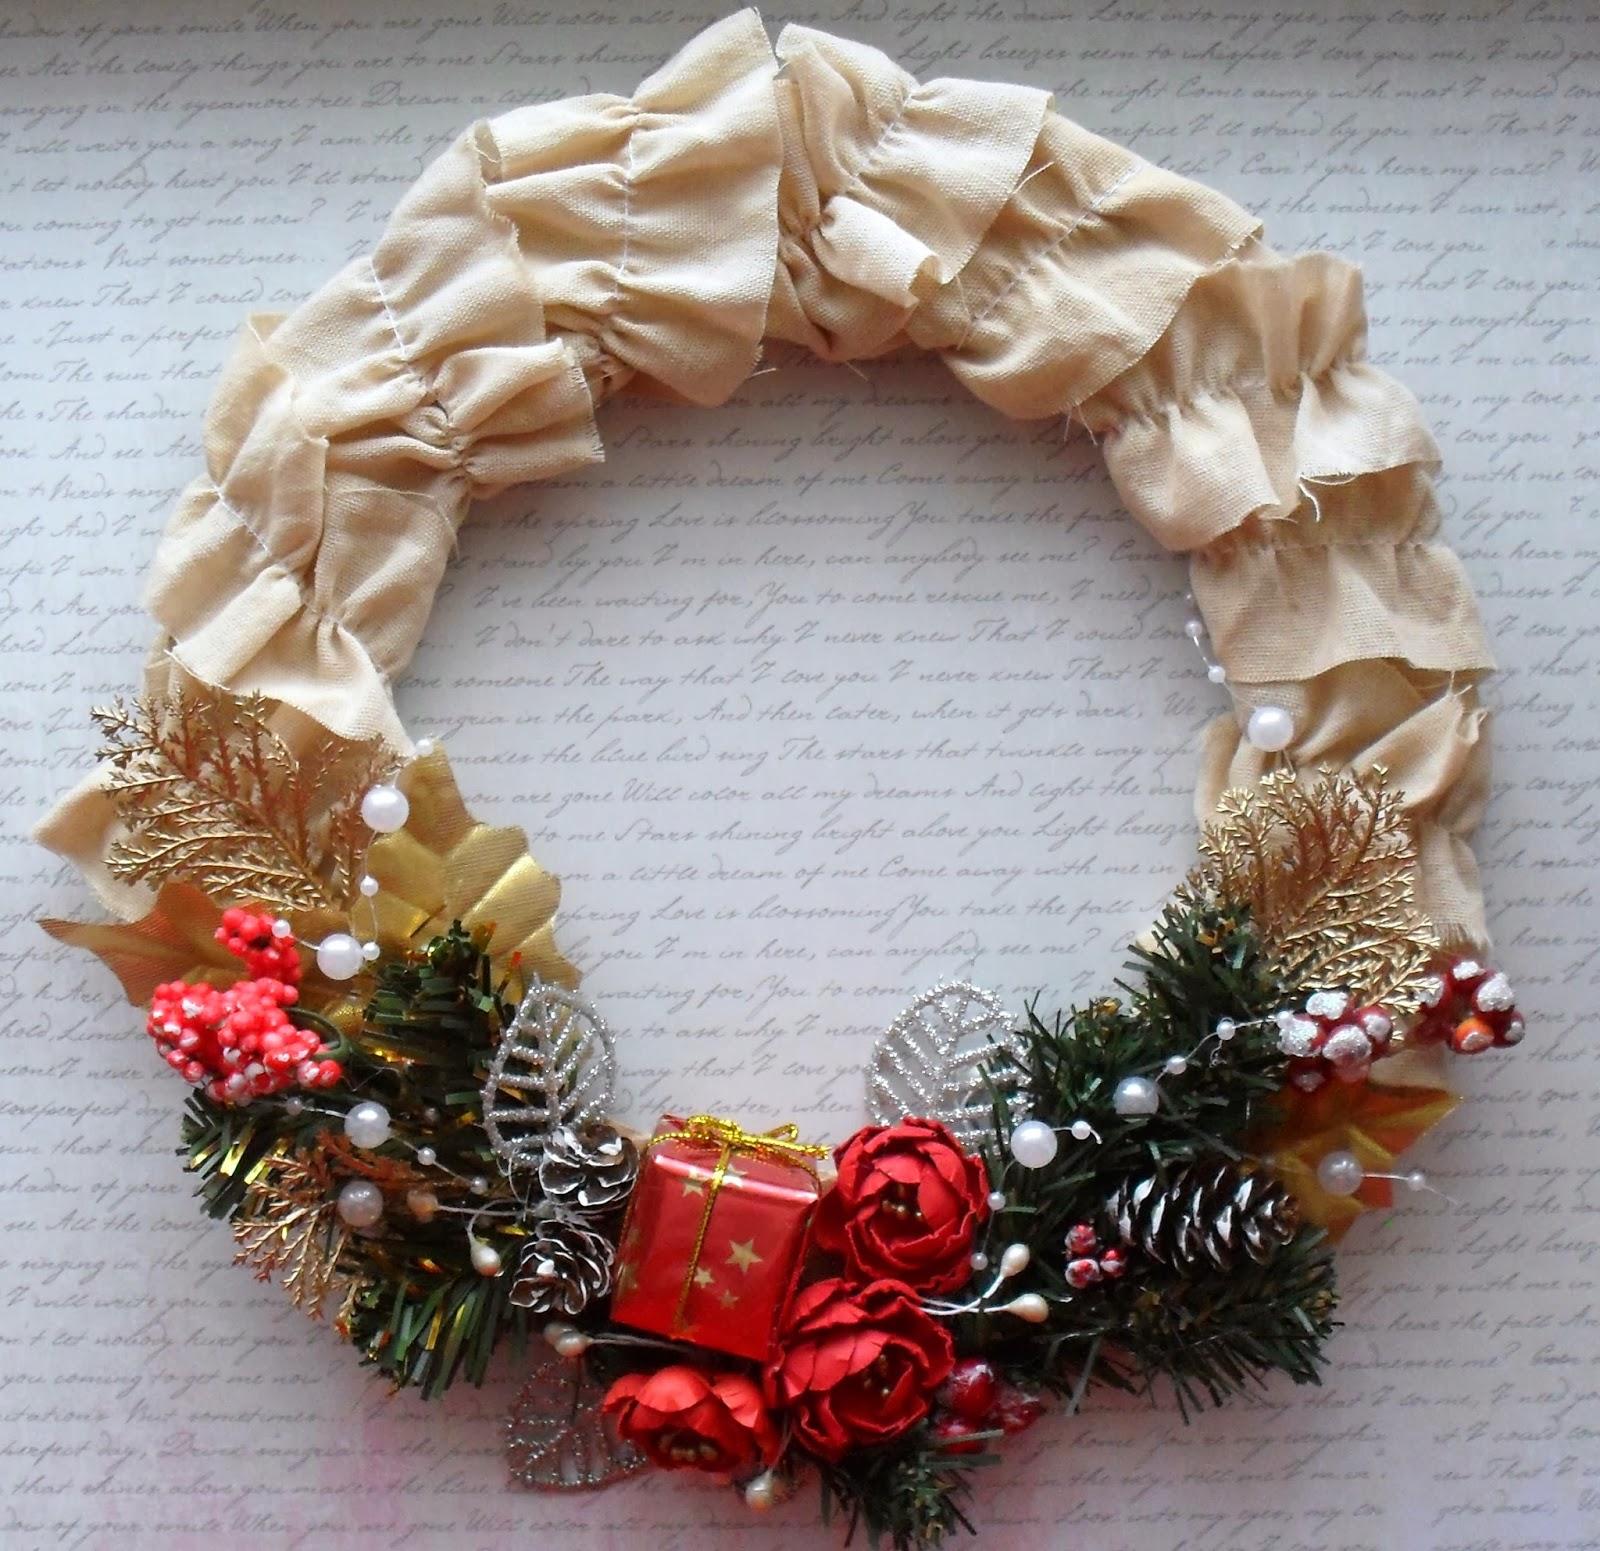 Венок рождественский своими руками поэтапно